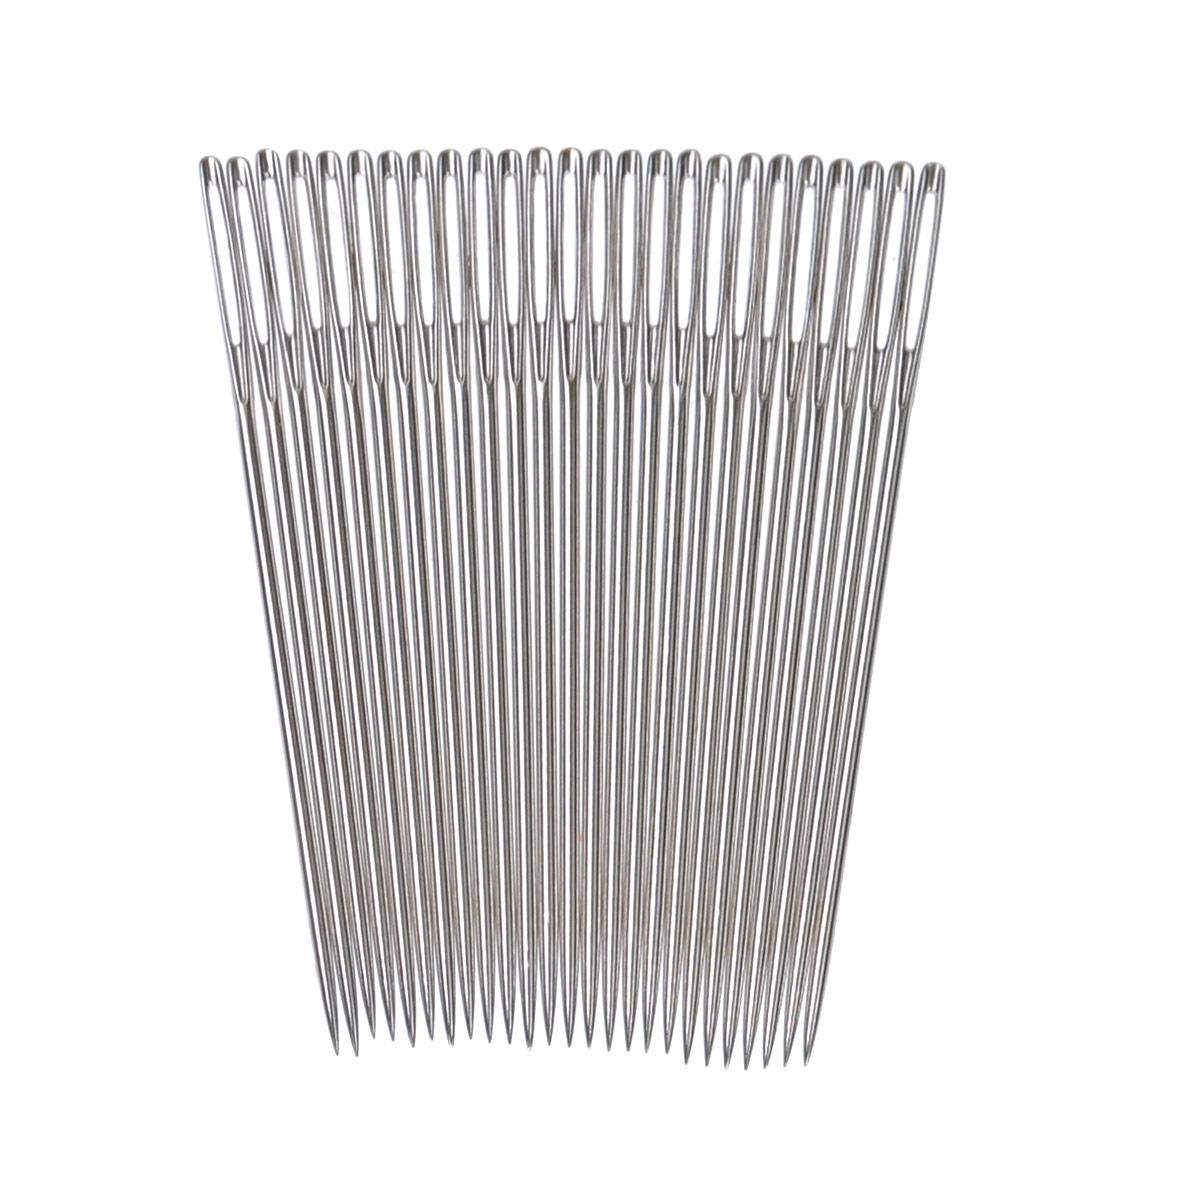 Иглы ручные Prym, для вышивки с острием, №22, 25 шт124138Ручные иглы Prym, изготовленные из стали, предназначены для вышивки по ткани. Иглы имеют острие и ушко.